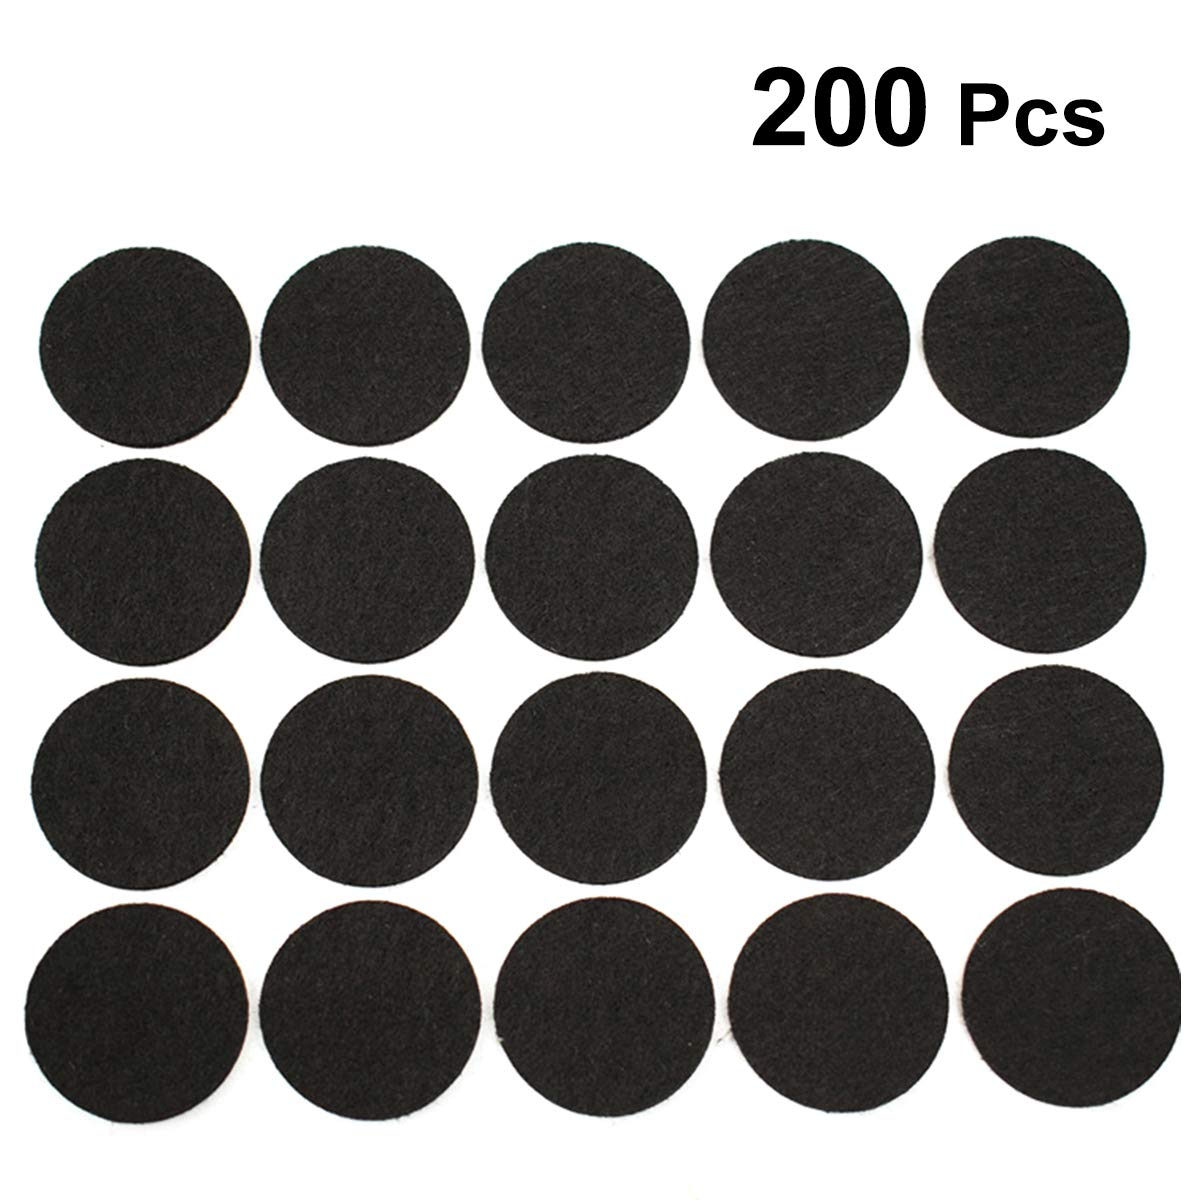 SUPVOX Cuscinetti per mobili Rotondi Felt Pads Protector Pad per Sedia da Tavolo 200pcs 2cm